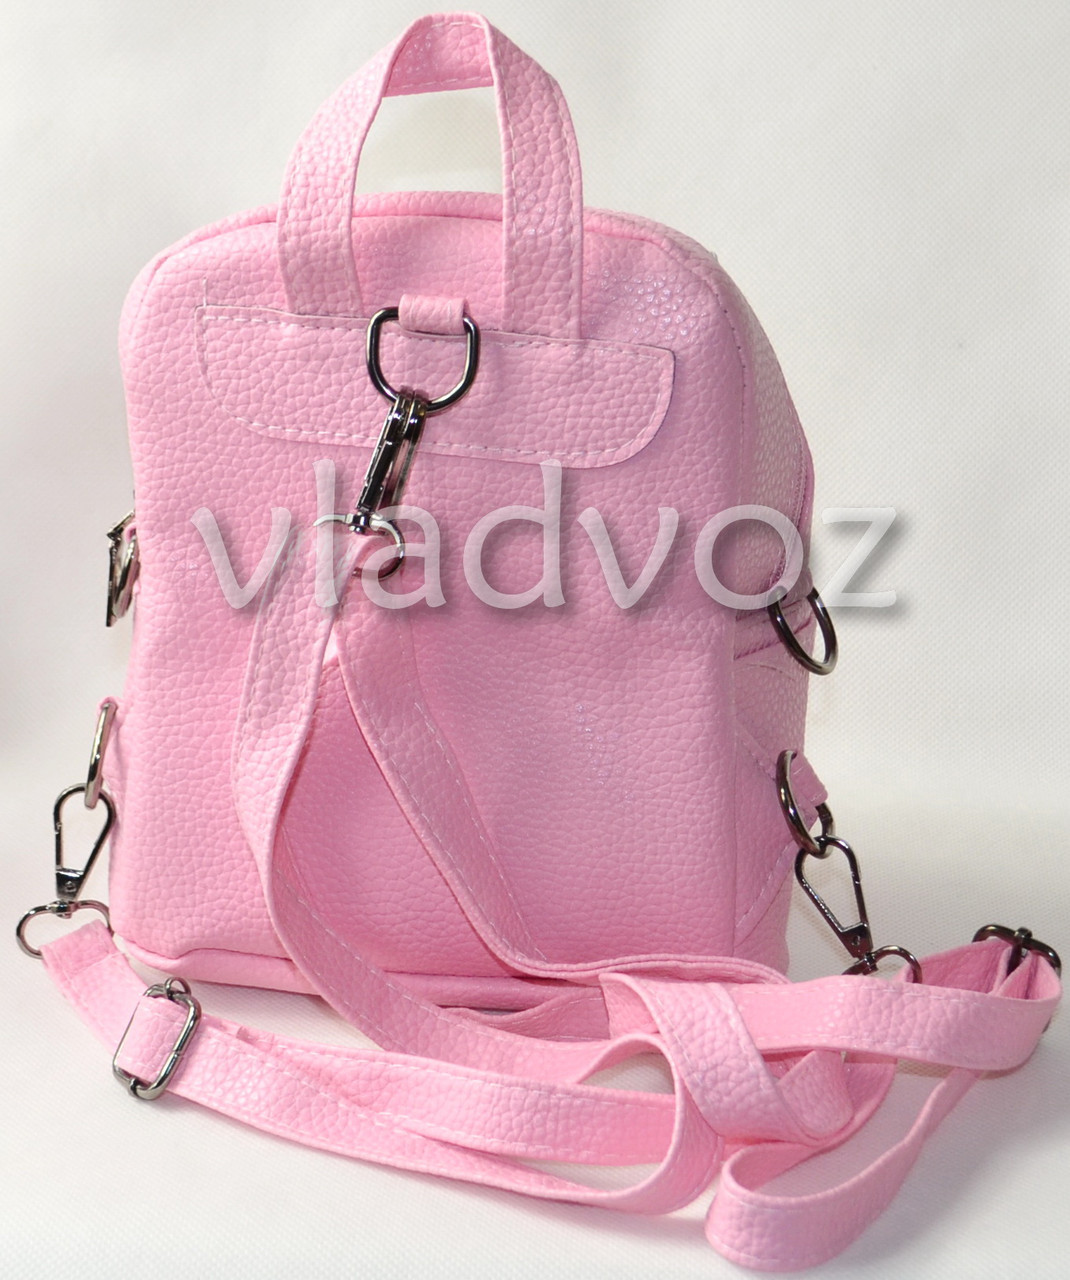 242870cf8795 Молодежный модный рюкзак подросток девочка с бантиком розовый, цена 500  грн., купить Вознесенск — Prom.ua (ID#552076049)